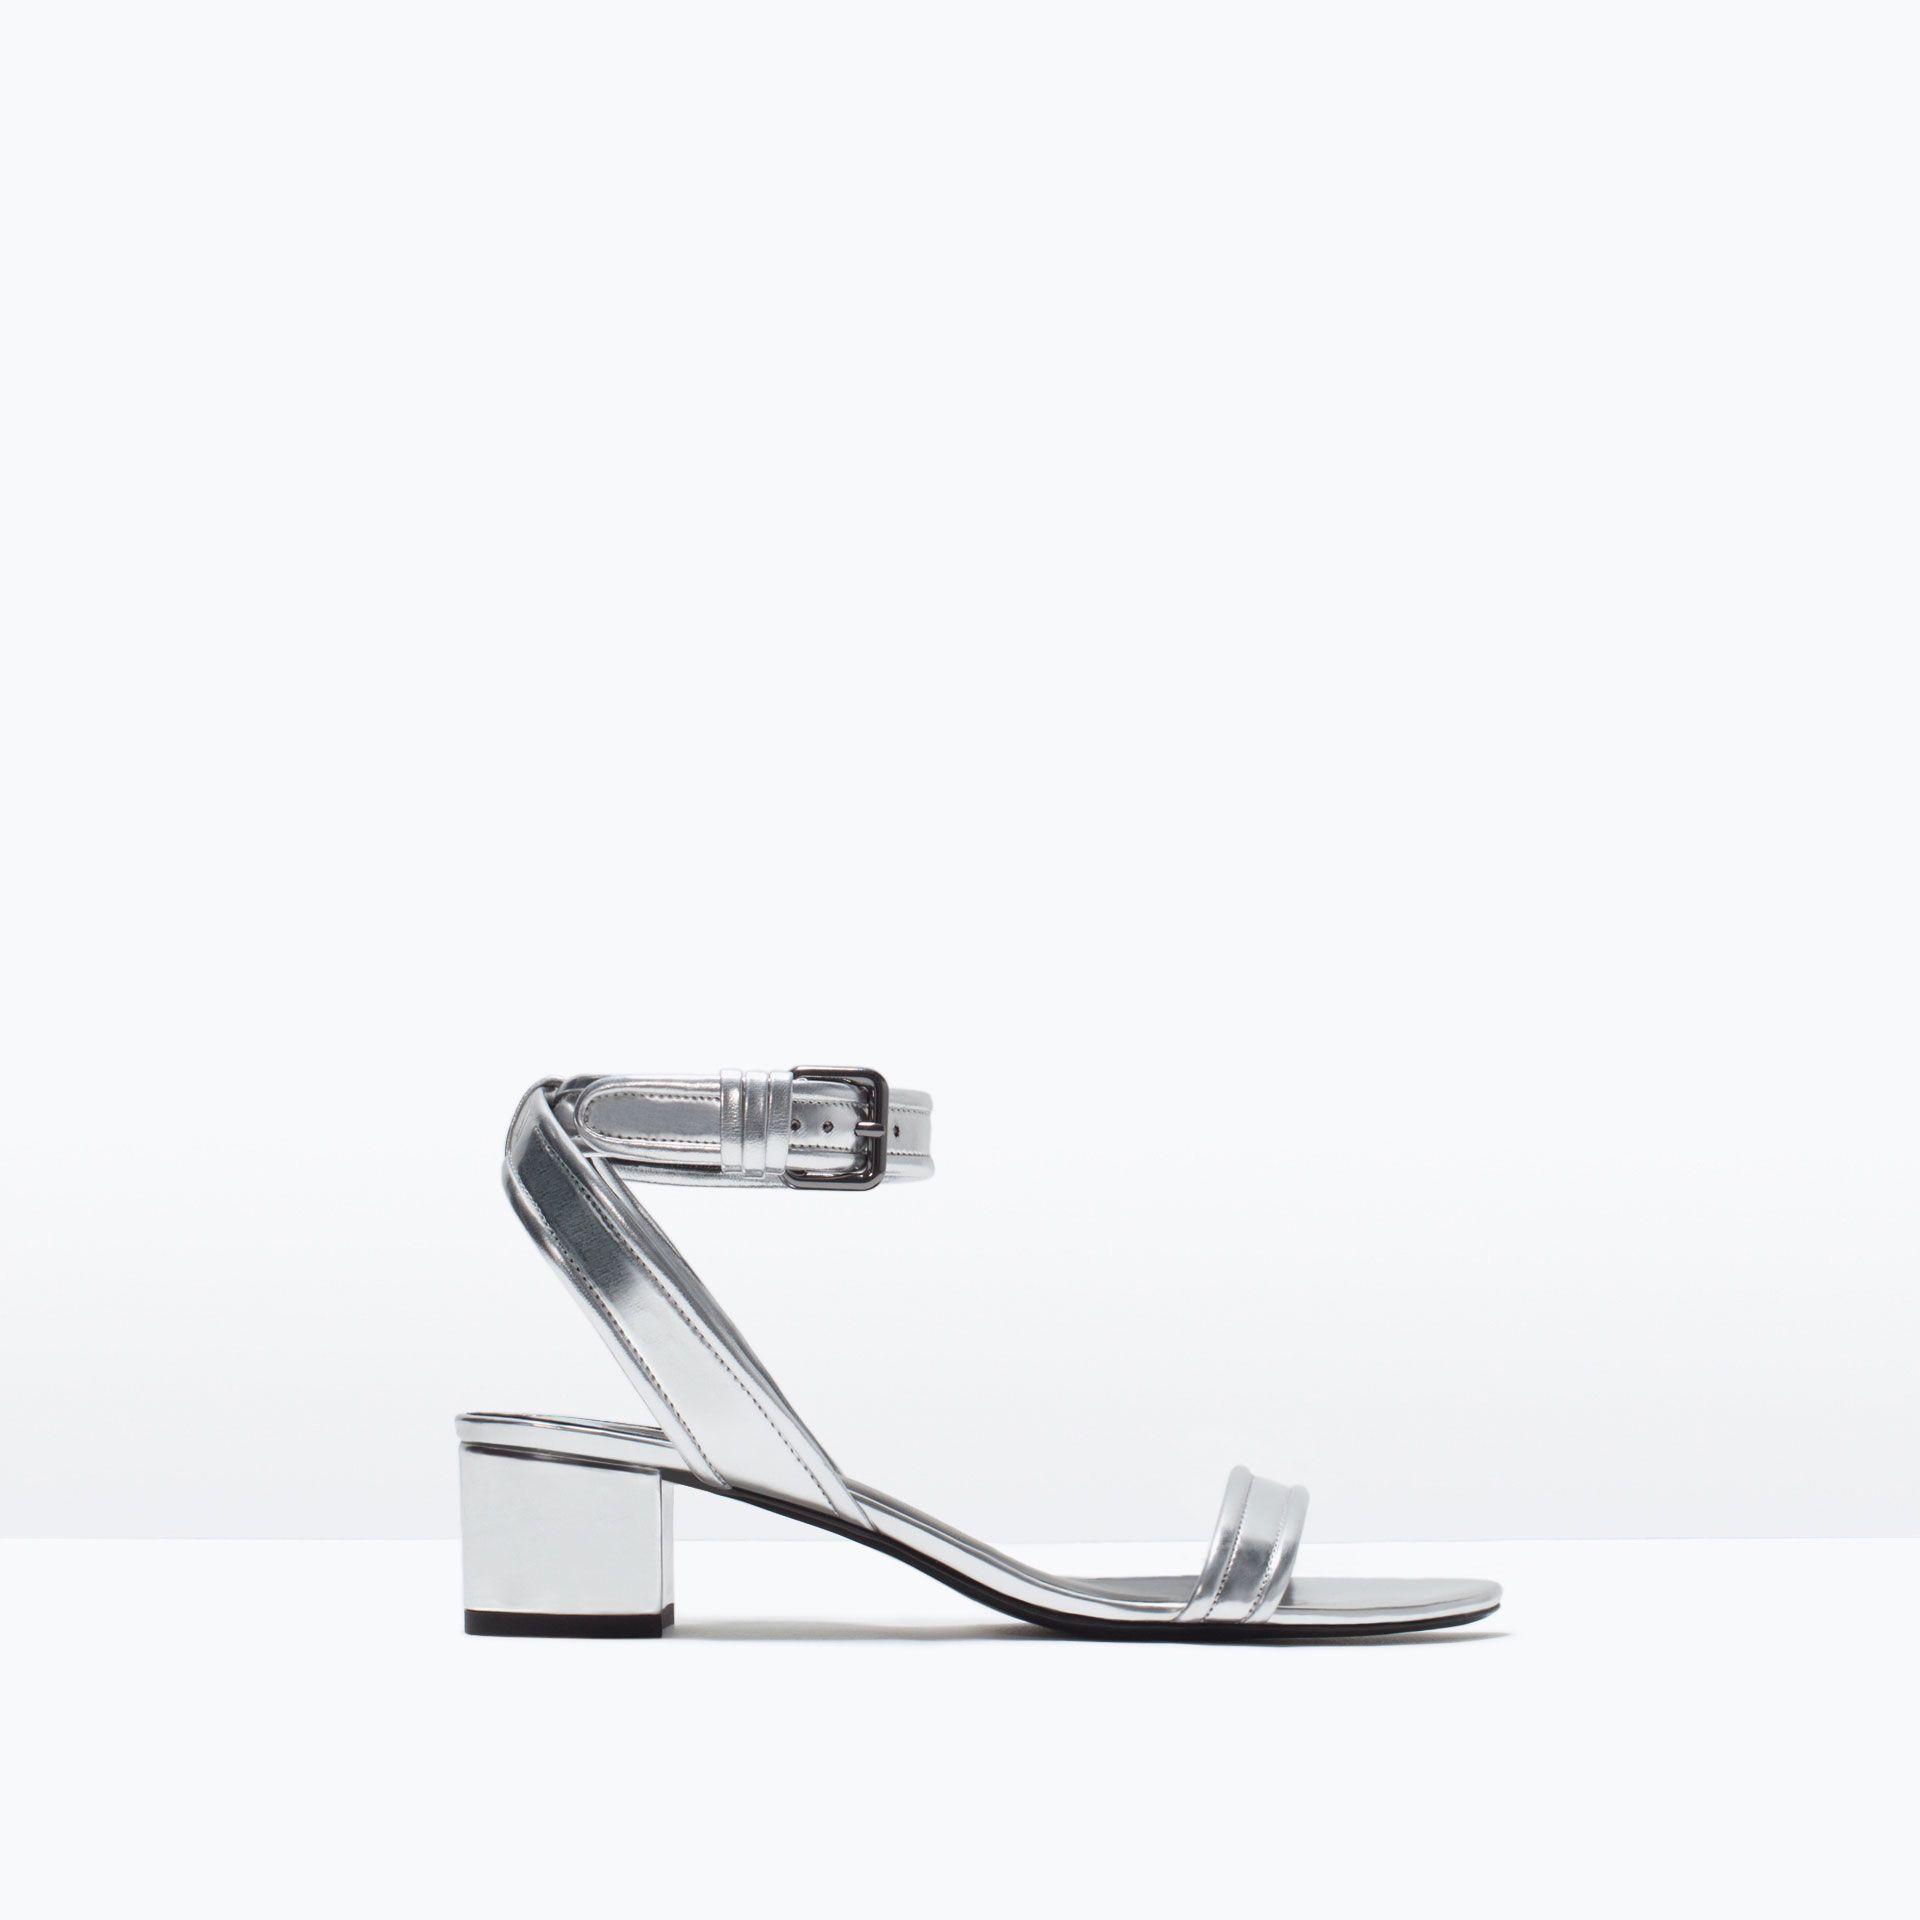 Blesing Open Toe Sandals   Nine West   Heels, Block heels